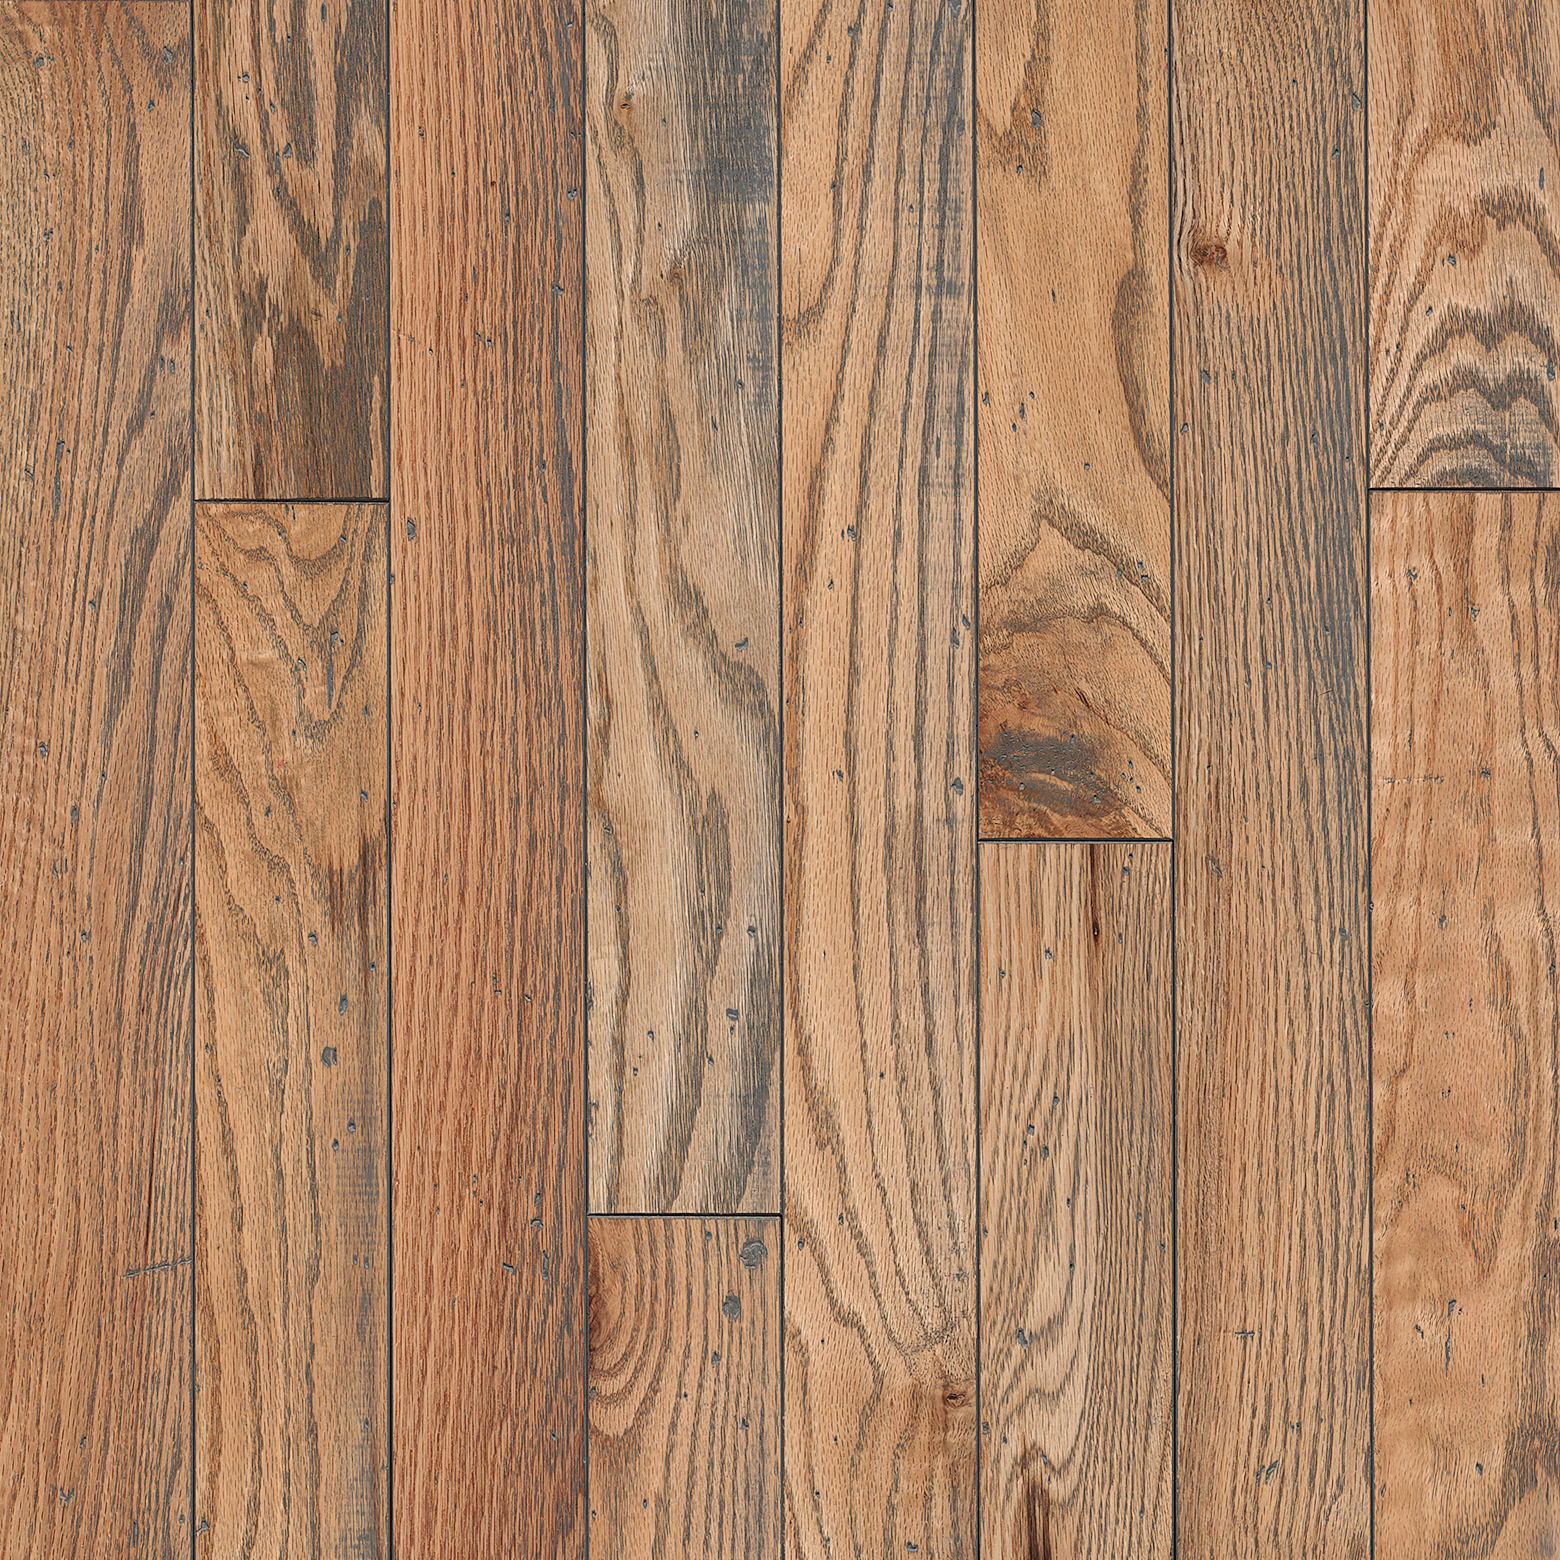 Armstrong Timeless Natural Oak 20269 Shop Hardwood